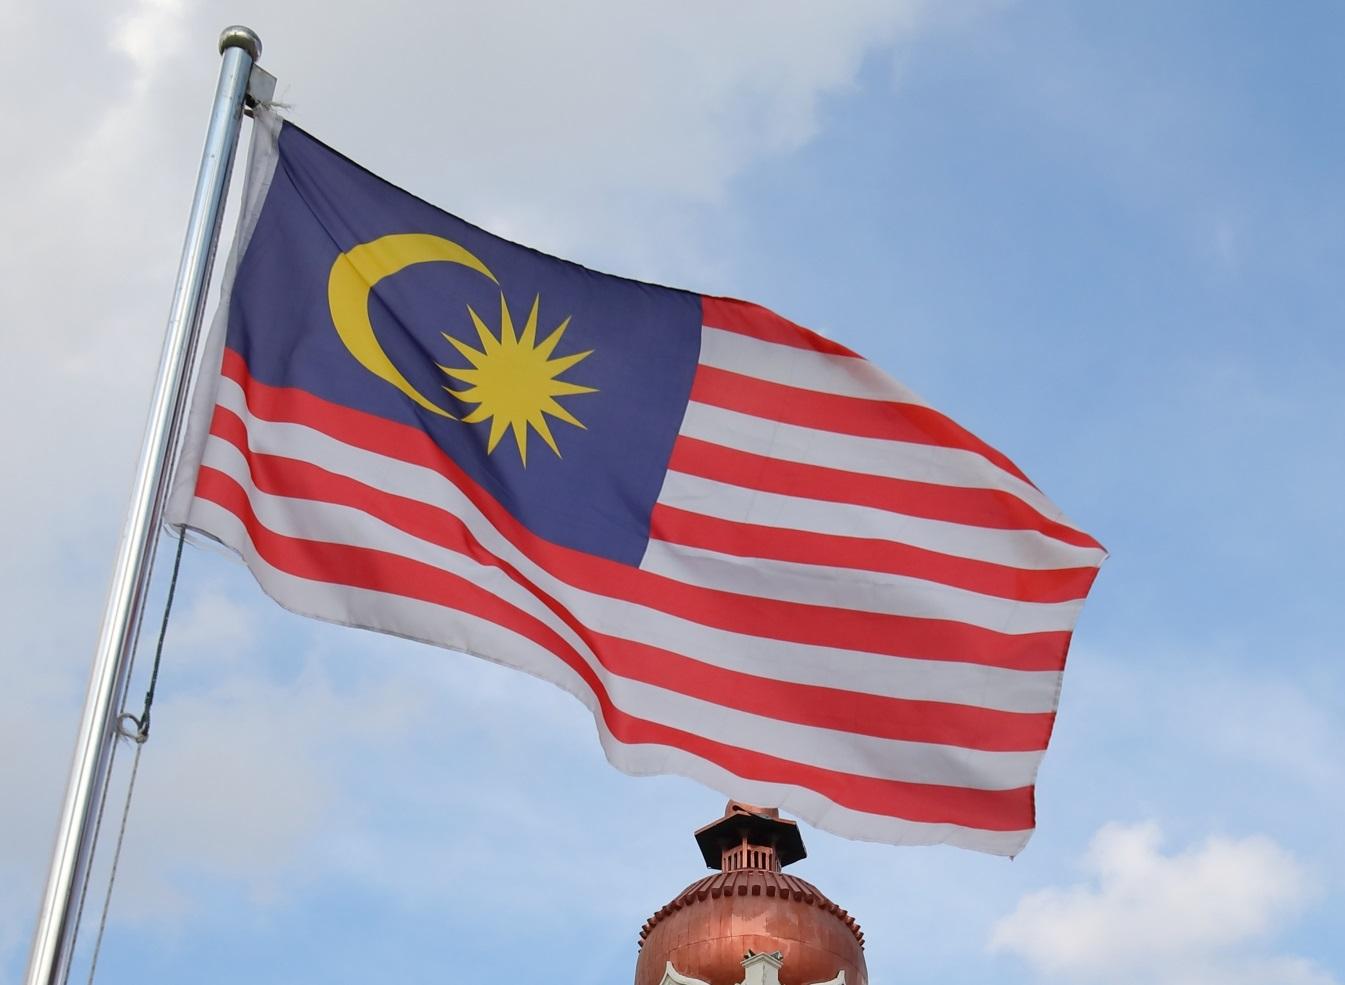 「ごはん食べた?」がマレーシアでは挨拶代わり・日常会話【スラマッパギ!!マレーシア語でおはよう!!】